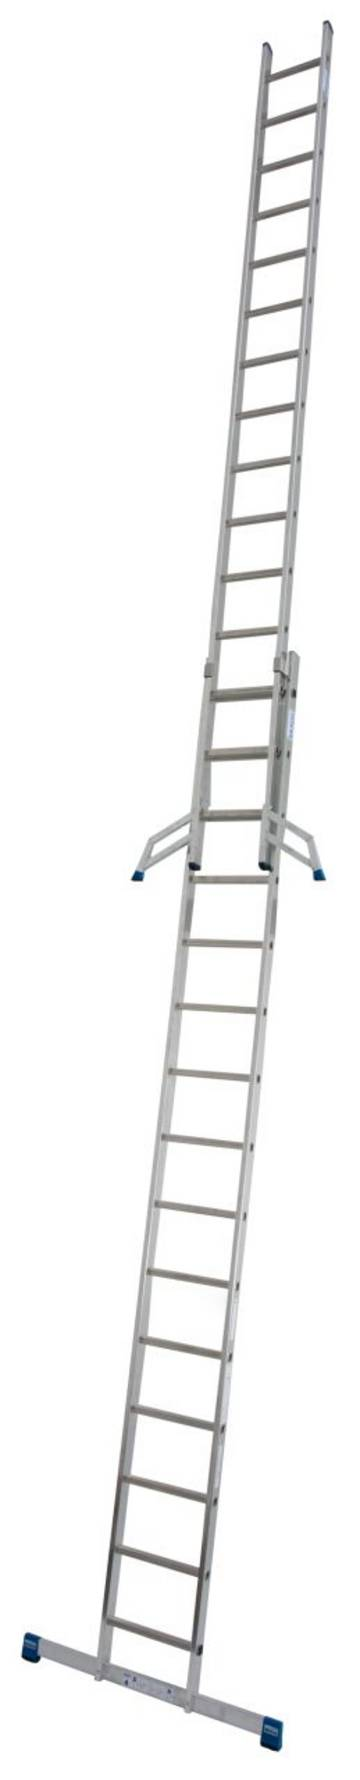 Stabilna rozsuwana drabina przystawna, składająca się z dwóch elementów, przeznaczona do profesjonalnego zastosowania.